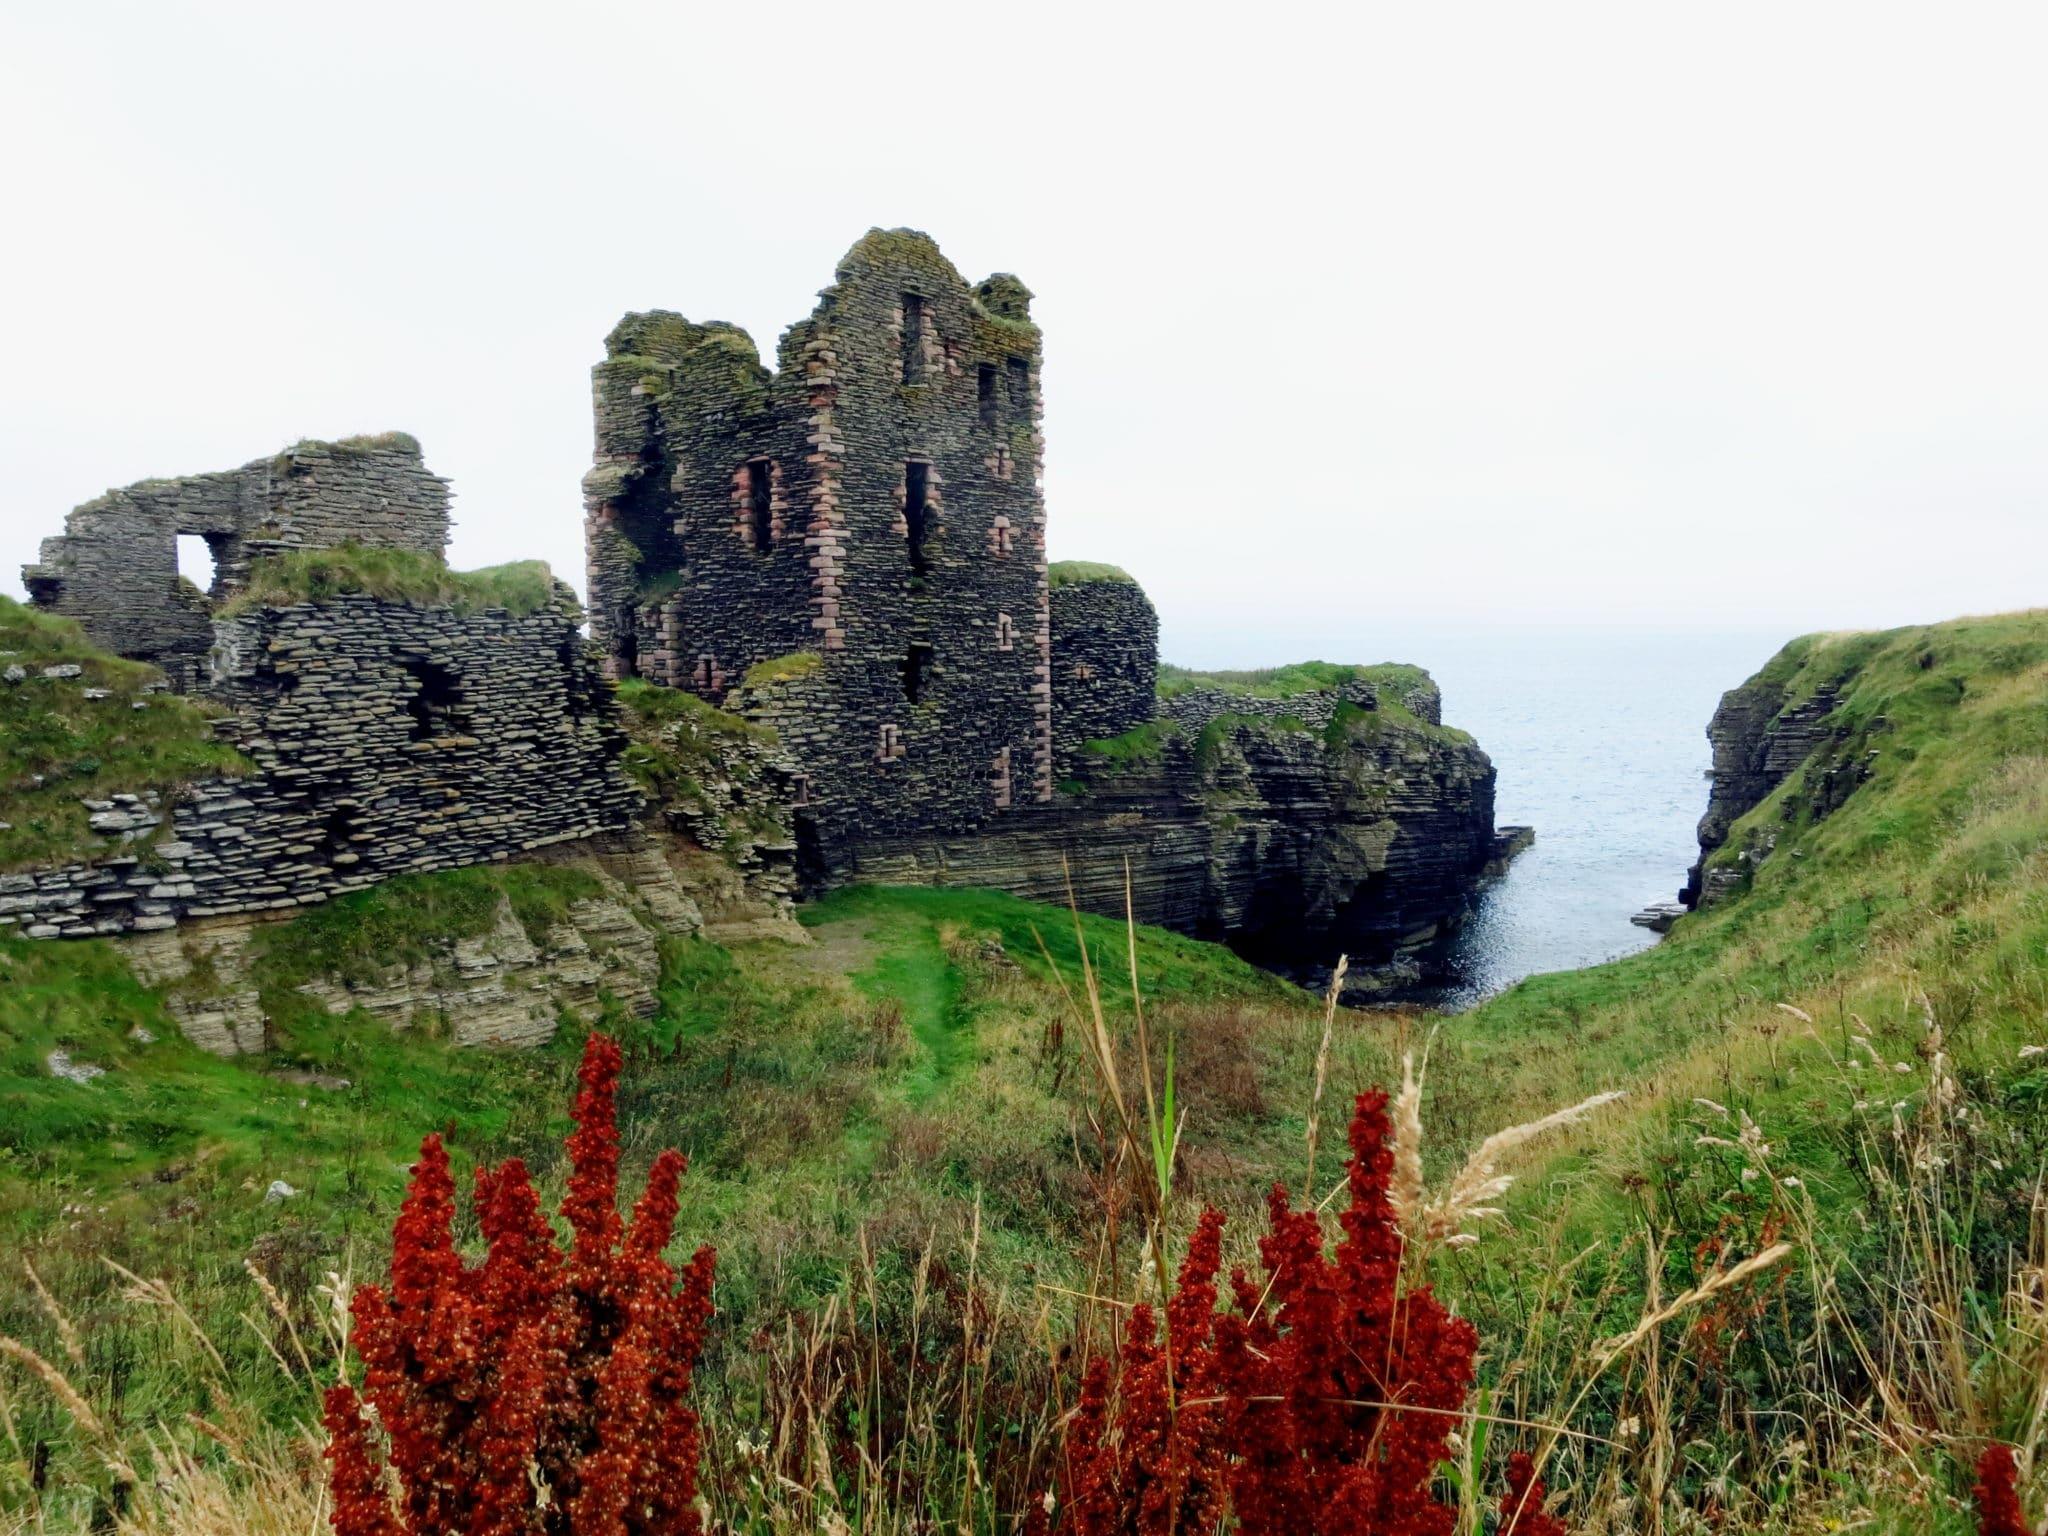 Sinclair Caste Wick Caithness Highlands Scotland